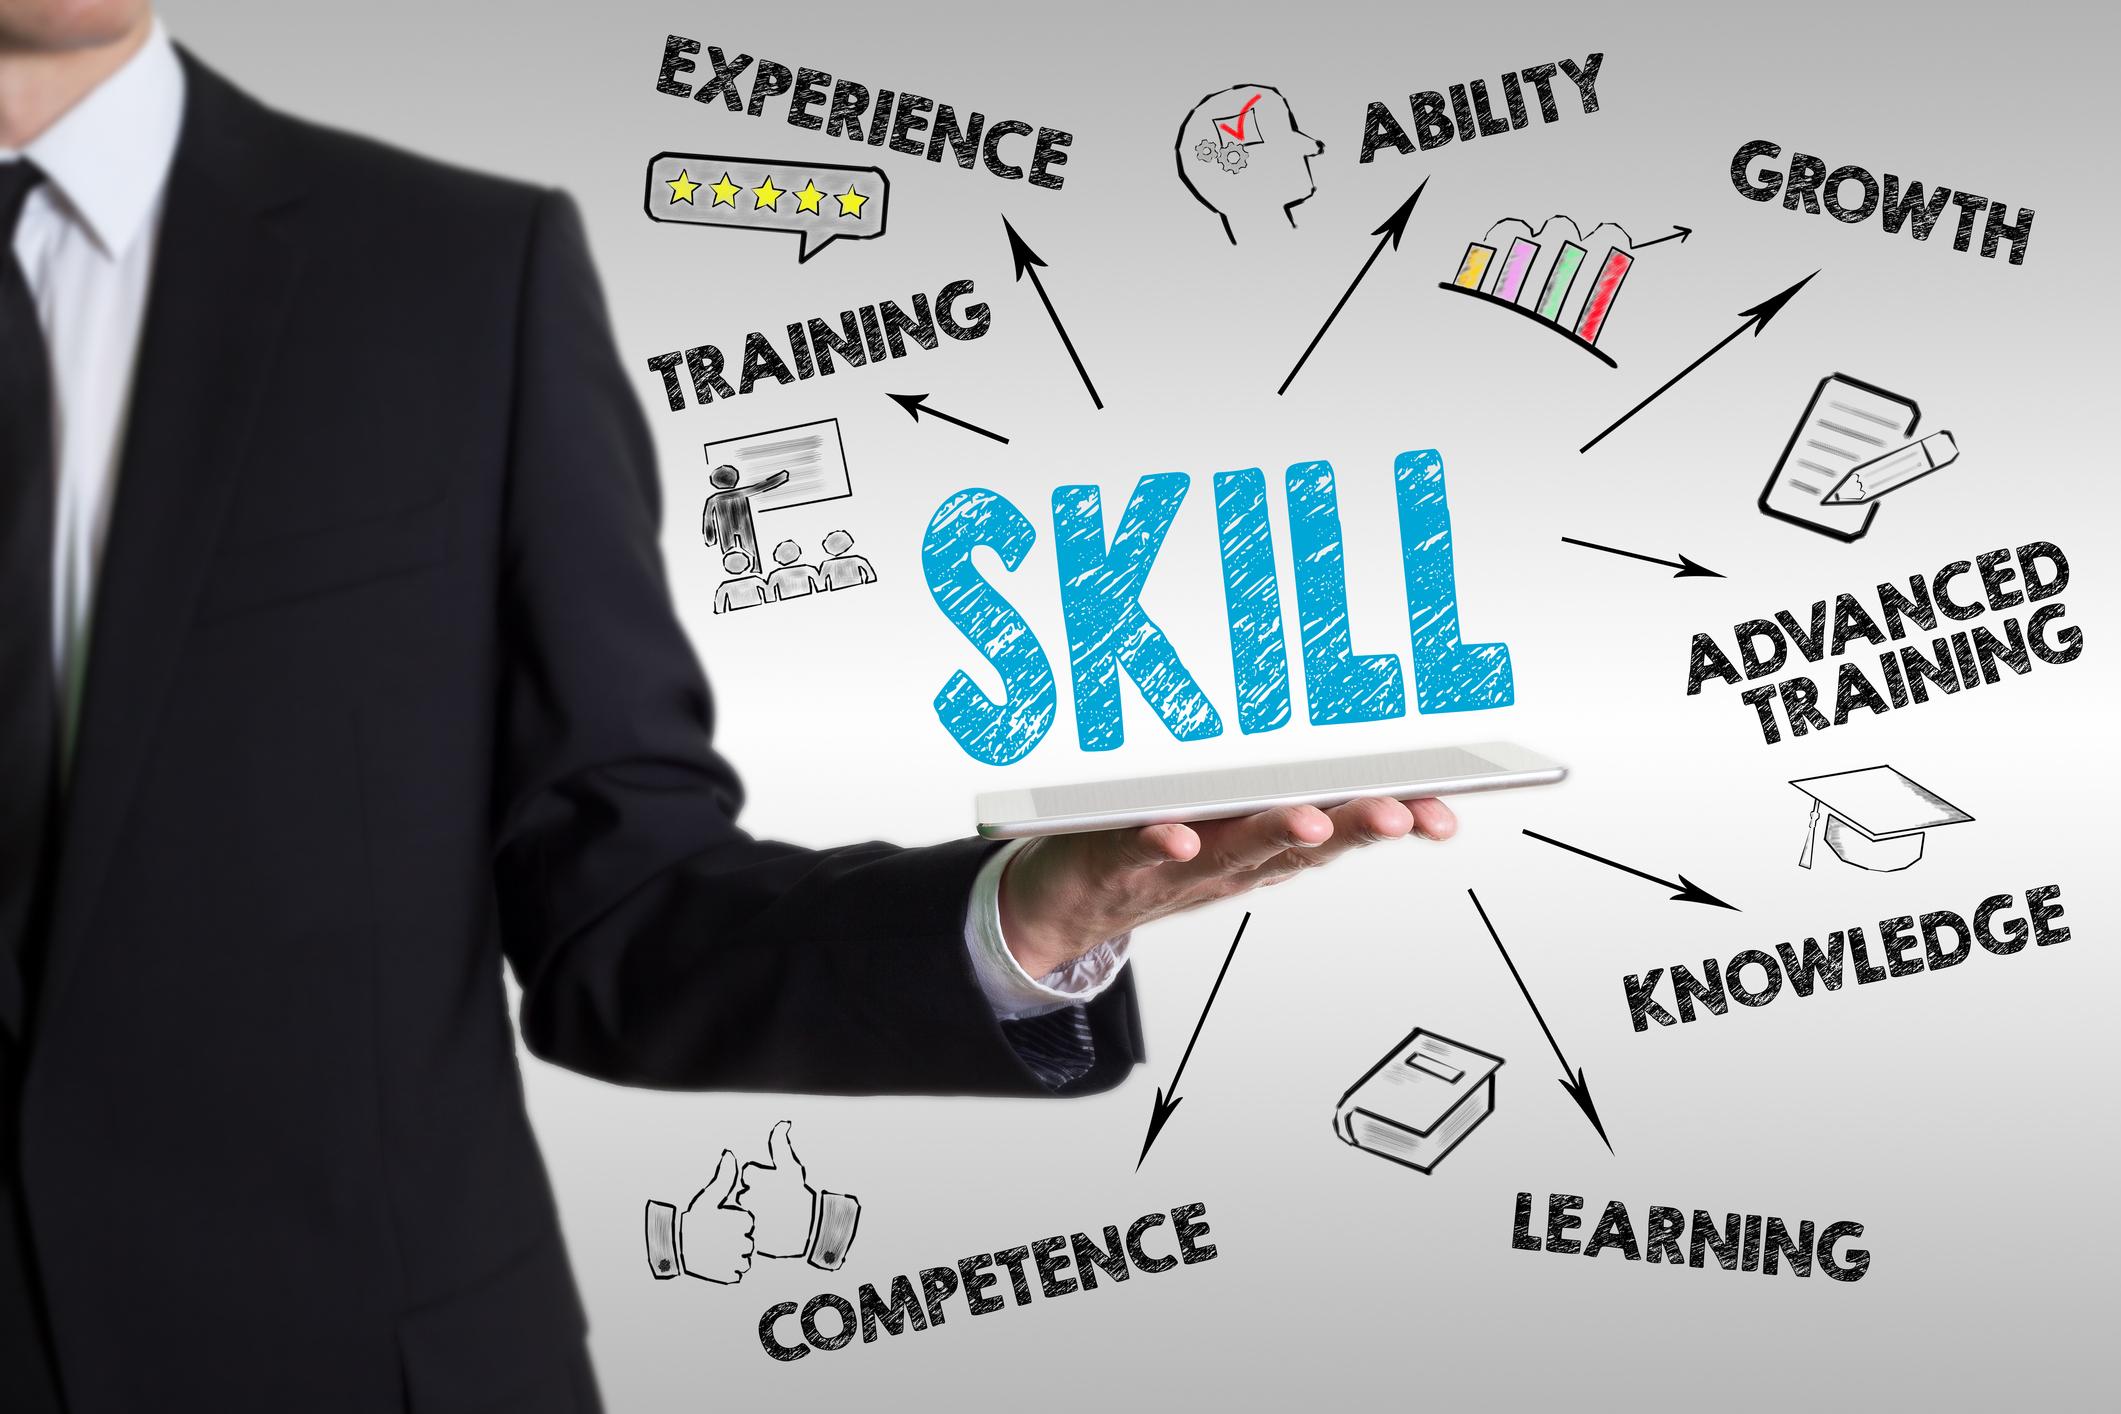 Vai trò của kỹ năng trong cuộc sống